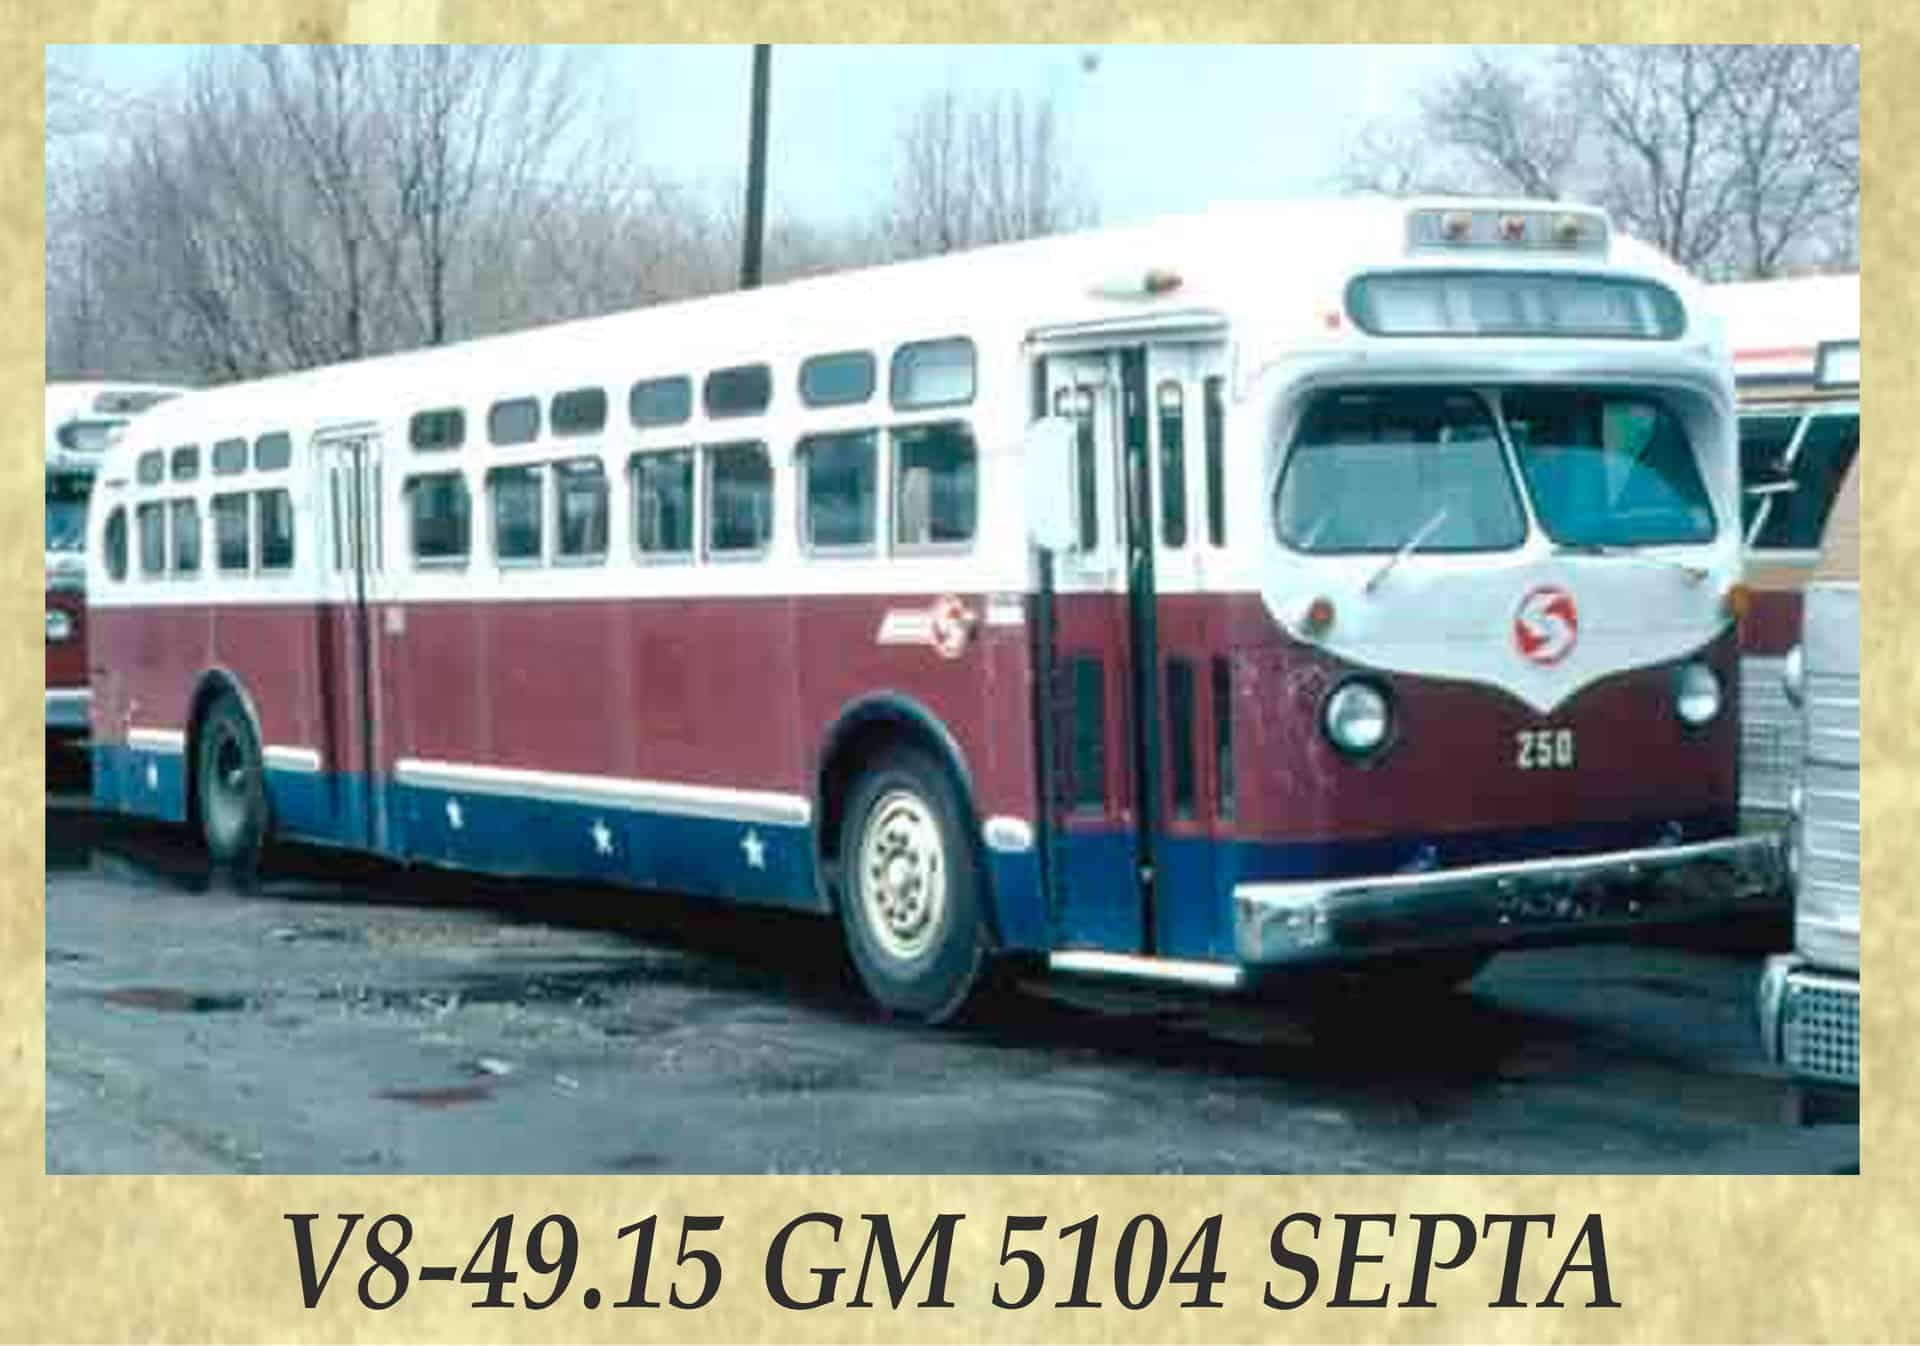 V8-49.15 GM 5104 SEPTA